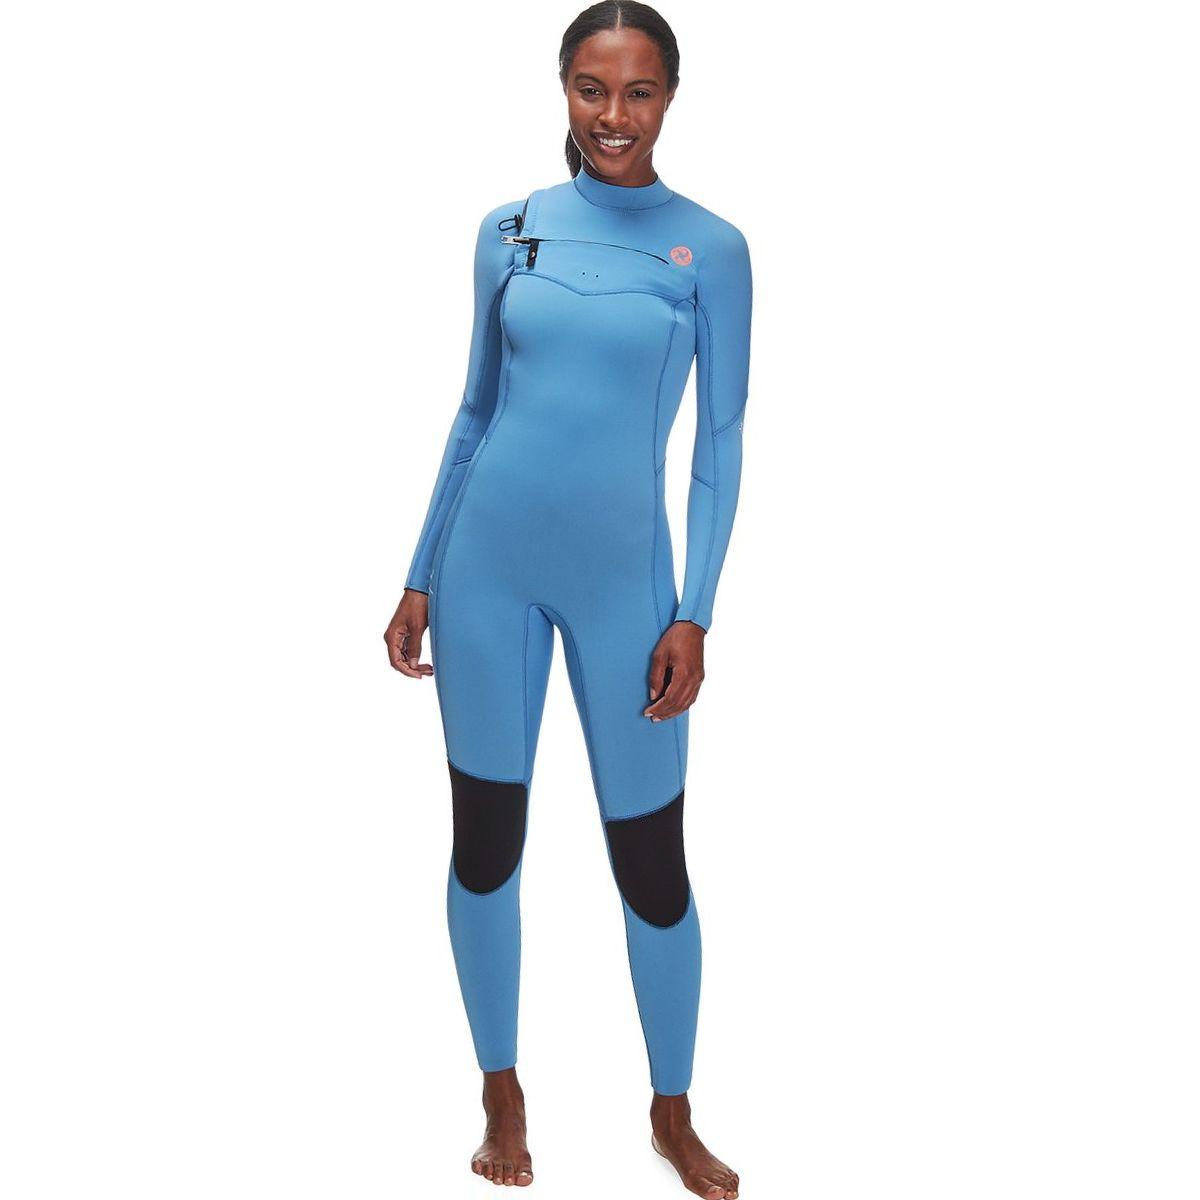 Sisstr Revolution 7 Seas 4/3mm Chest-Zip Long-Sleeve Full Wetsuit - Women's